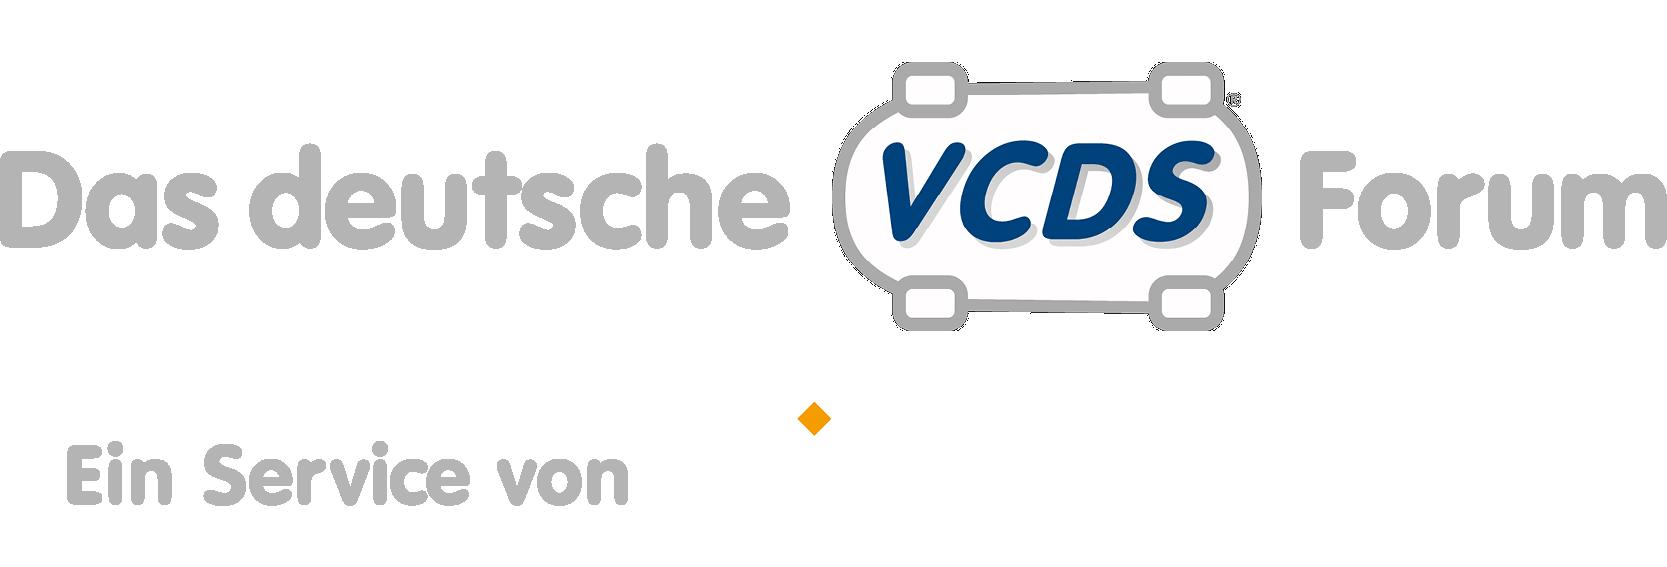 Das deutsche VCDS Forum